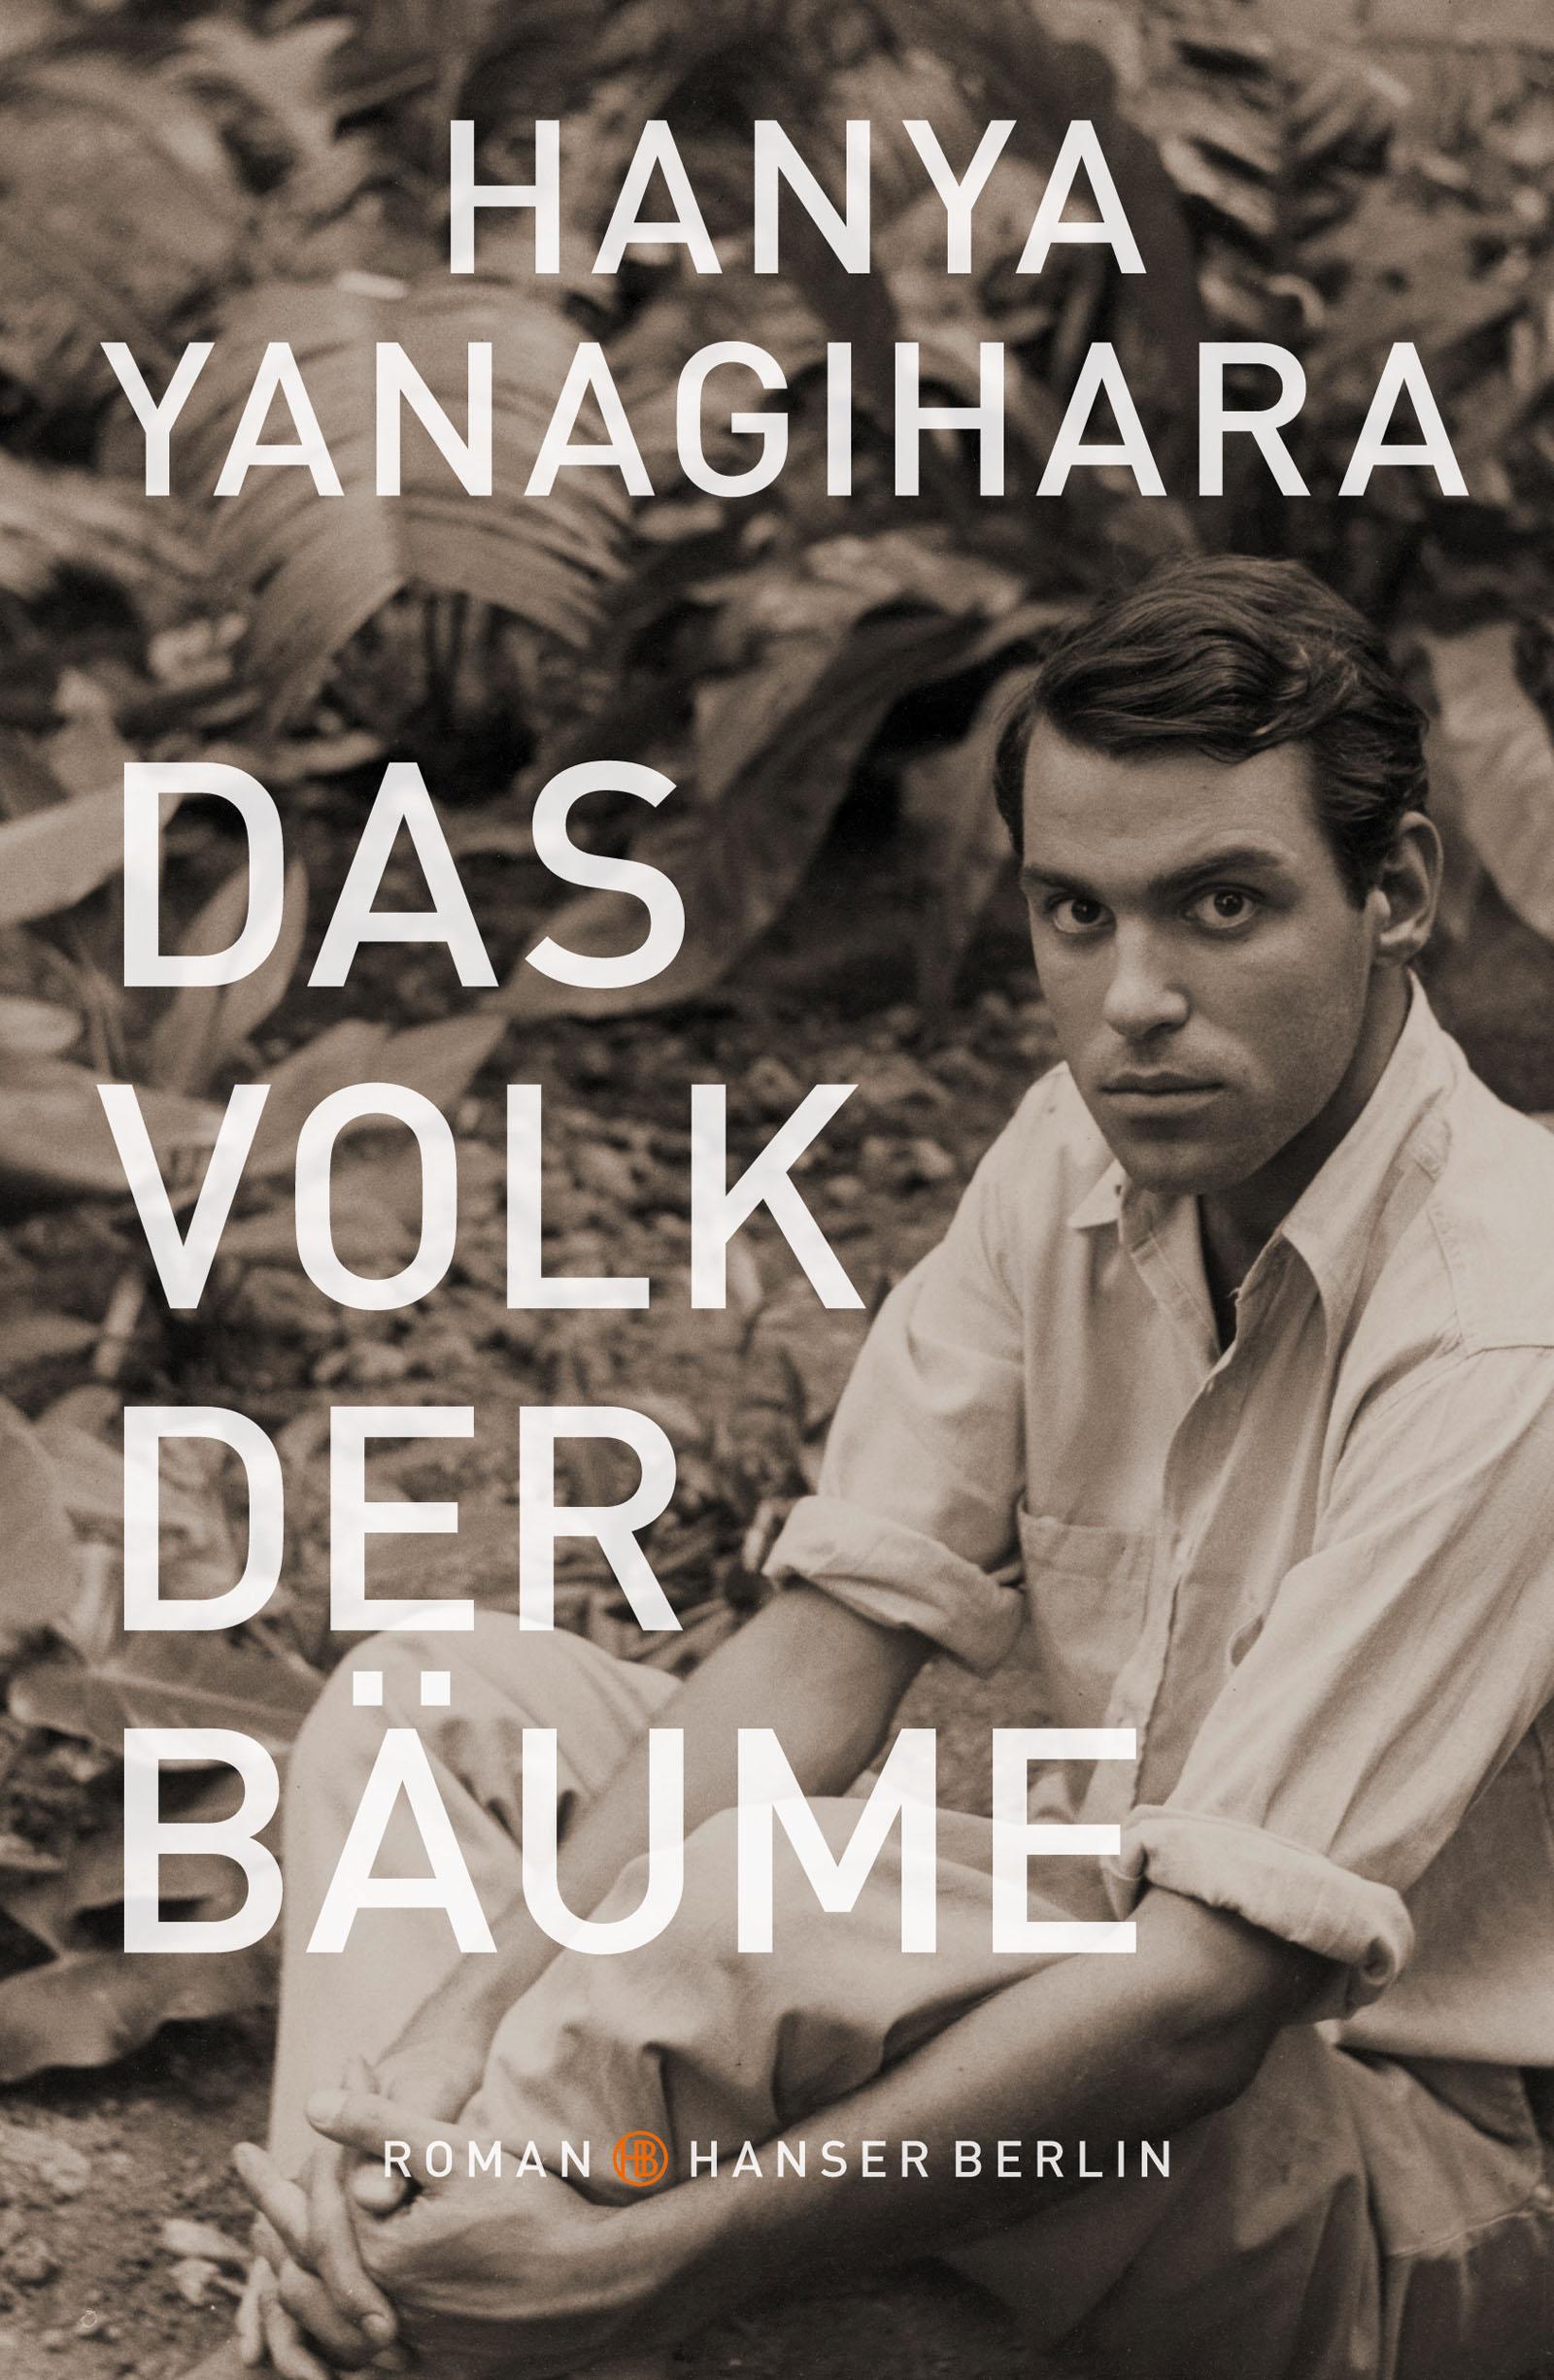 https://www.hanser-literaturverlage.de/buch/das-volk-der-baeume/978-3-446-26202-7/